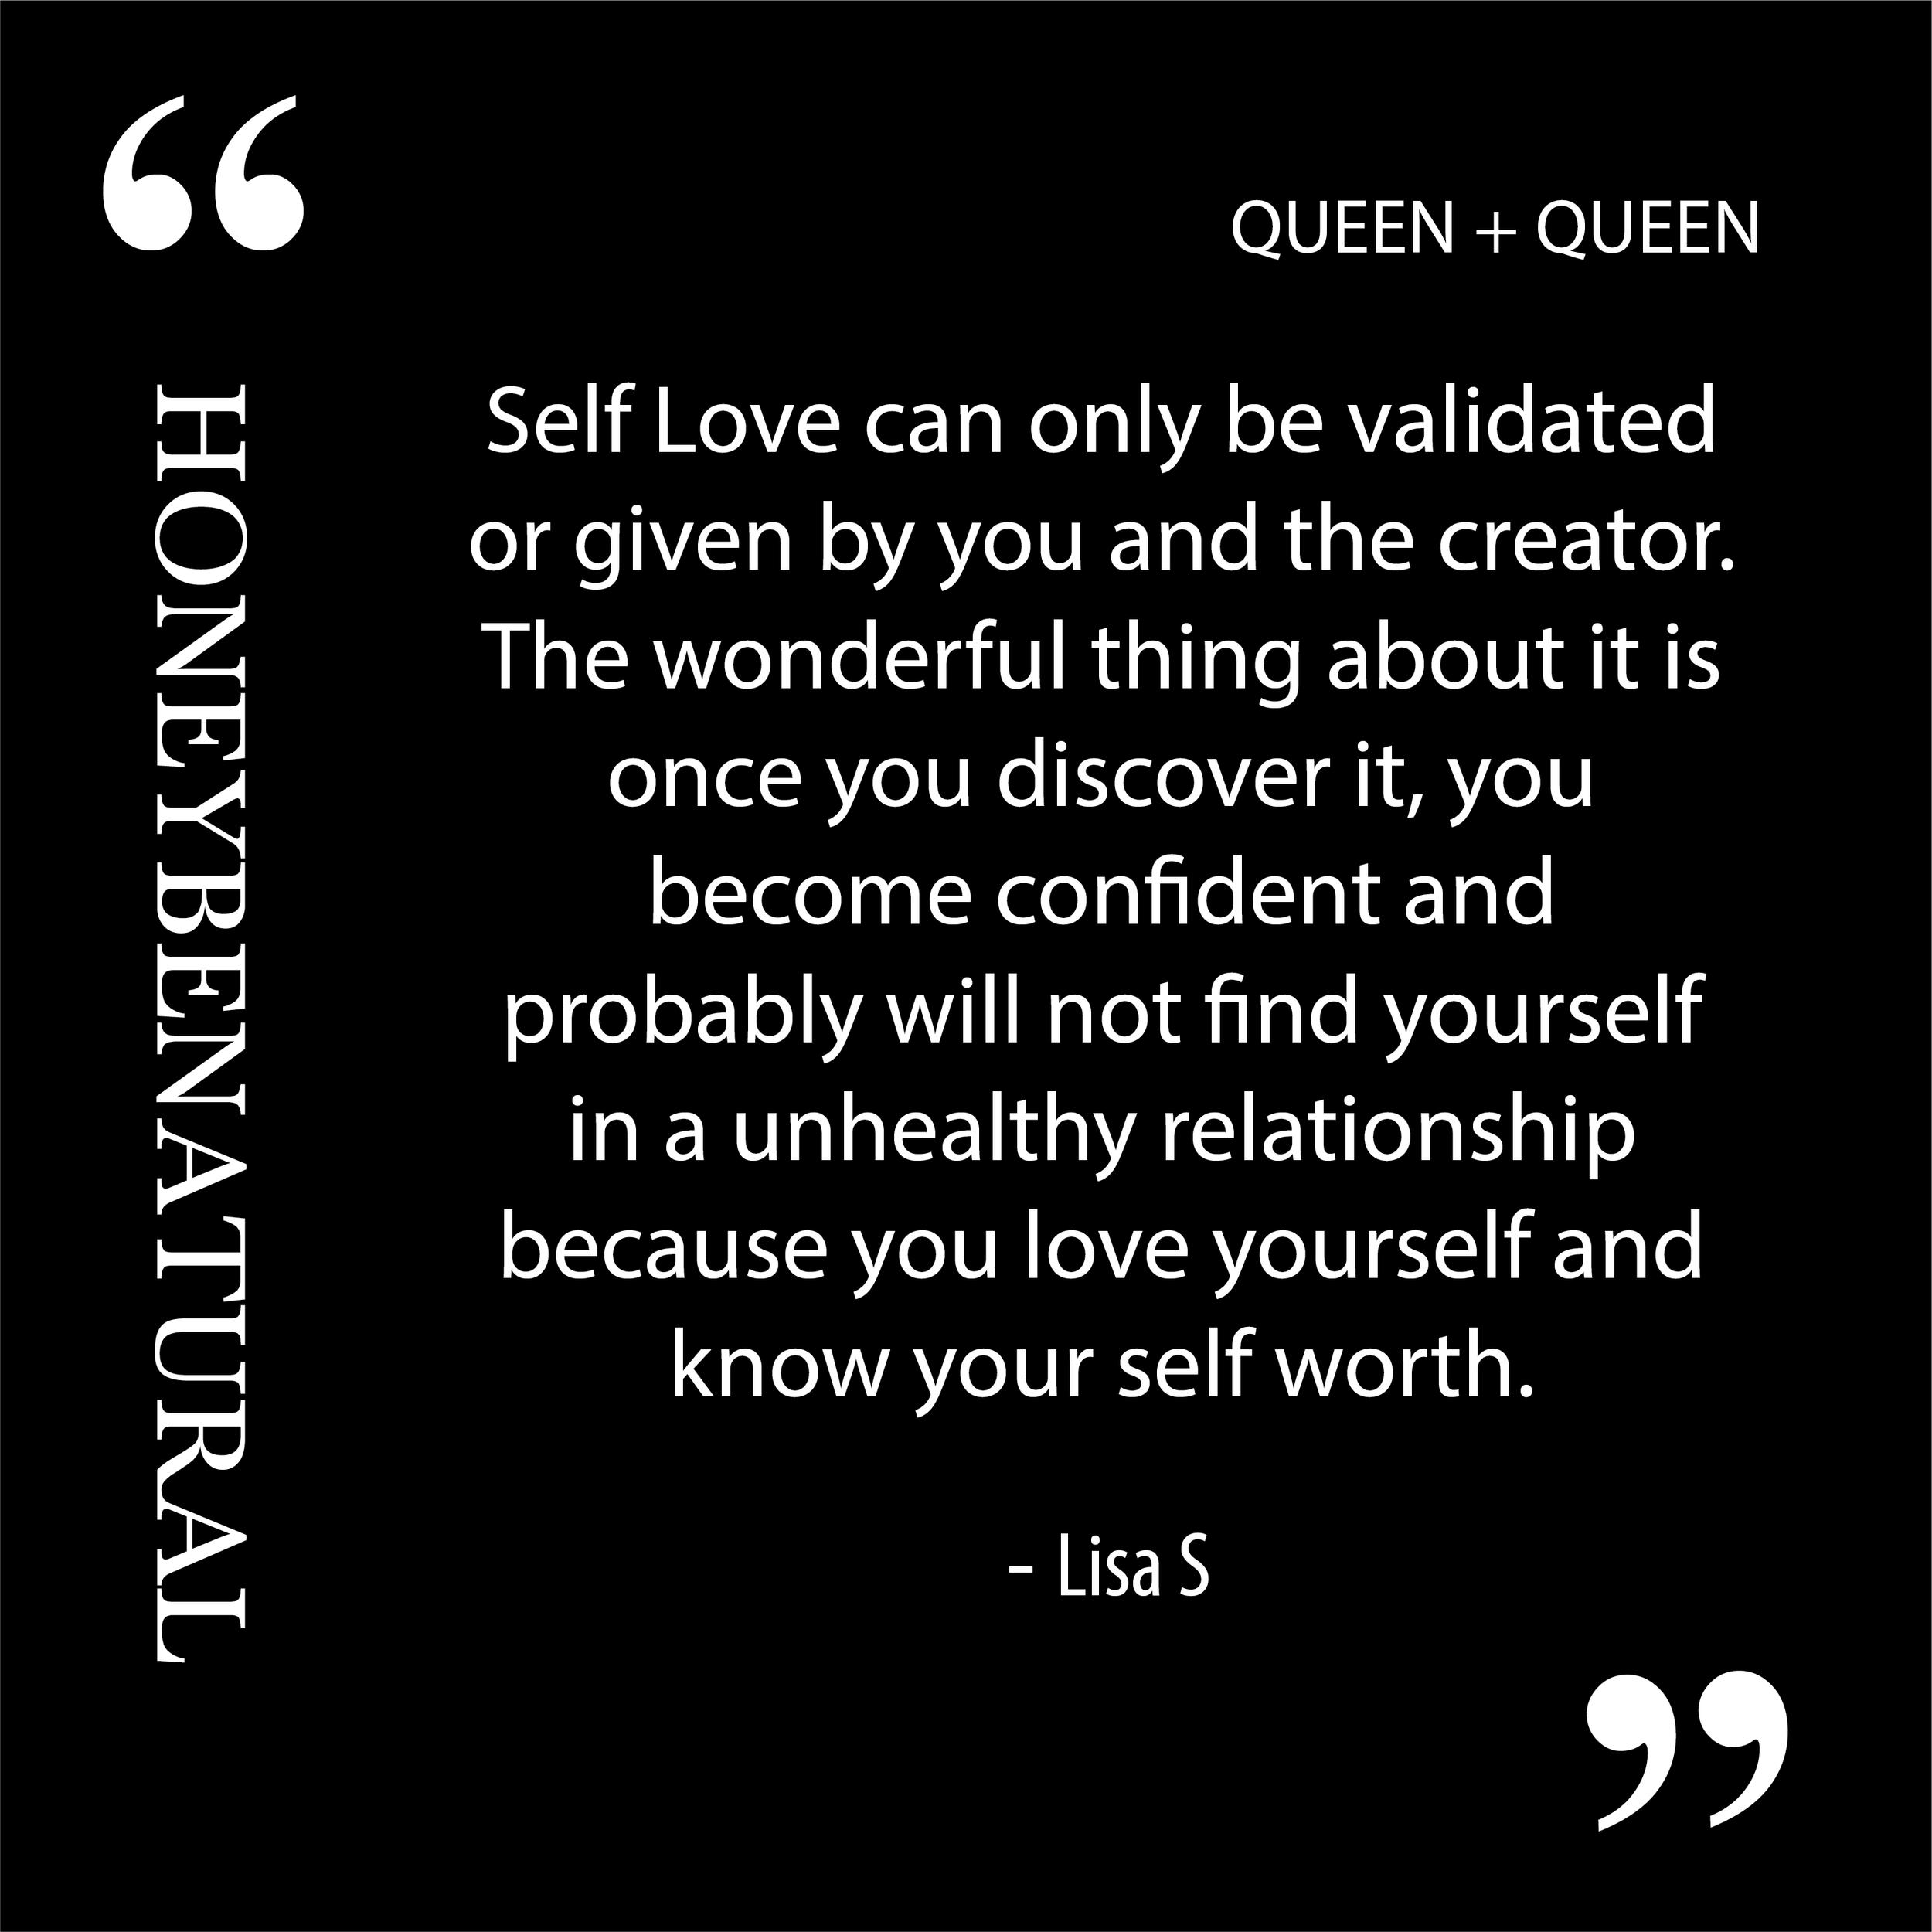 QueenPlusQueen_June 2019_LISA S_Black Graphic-05.png